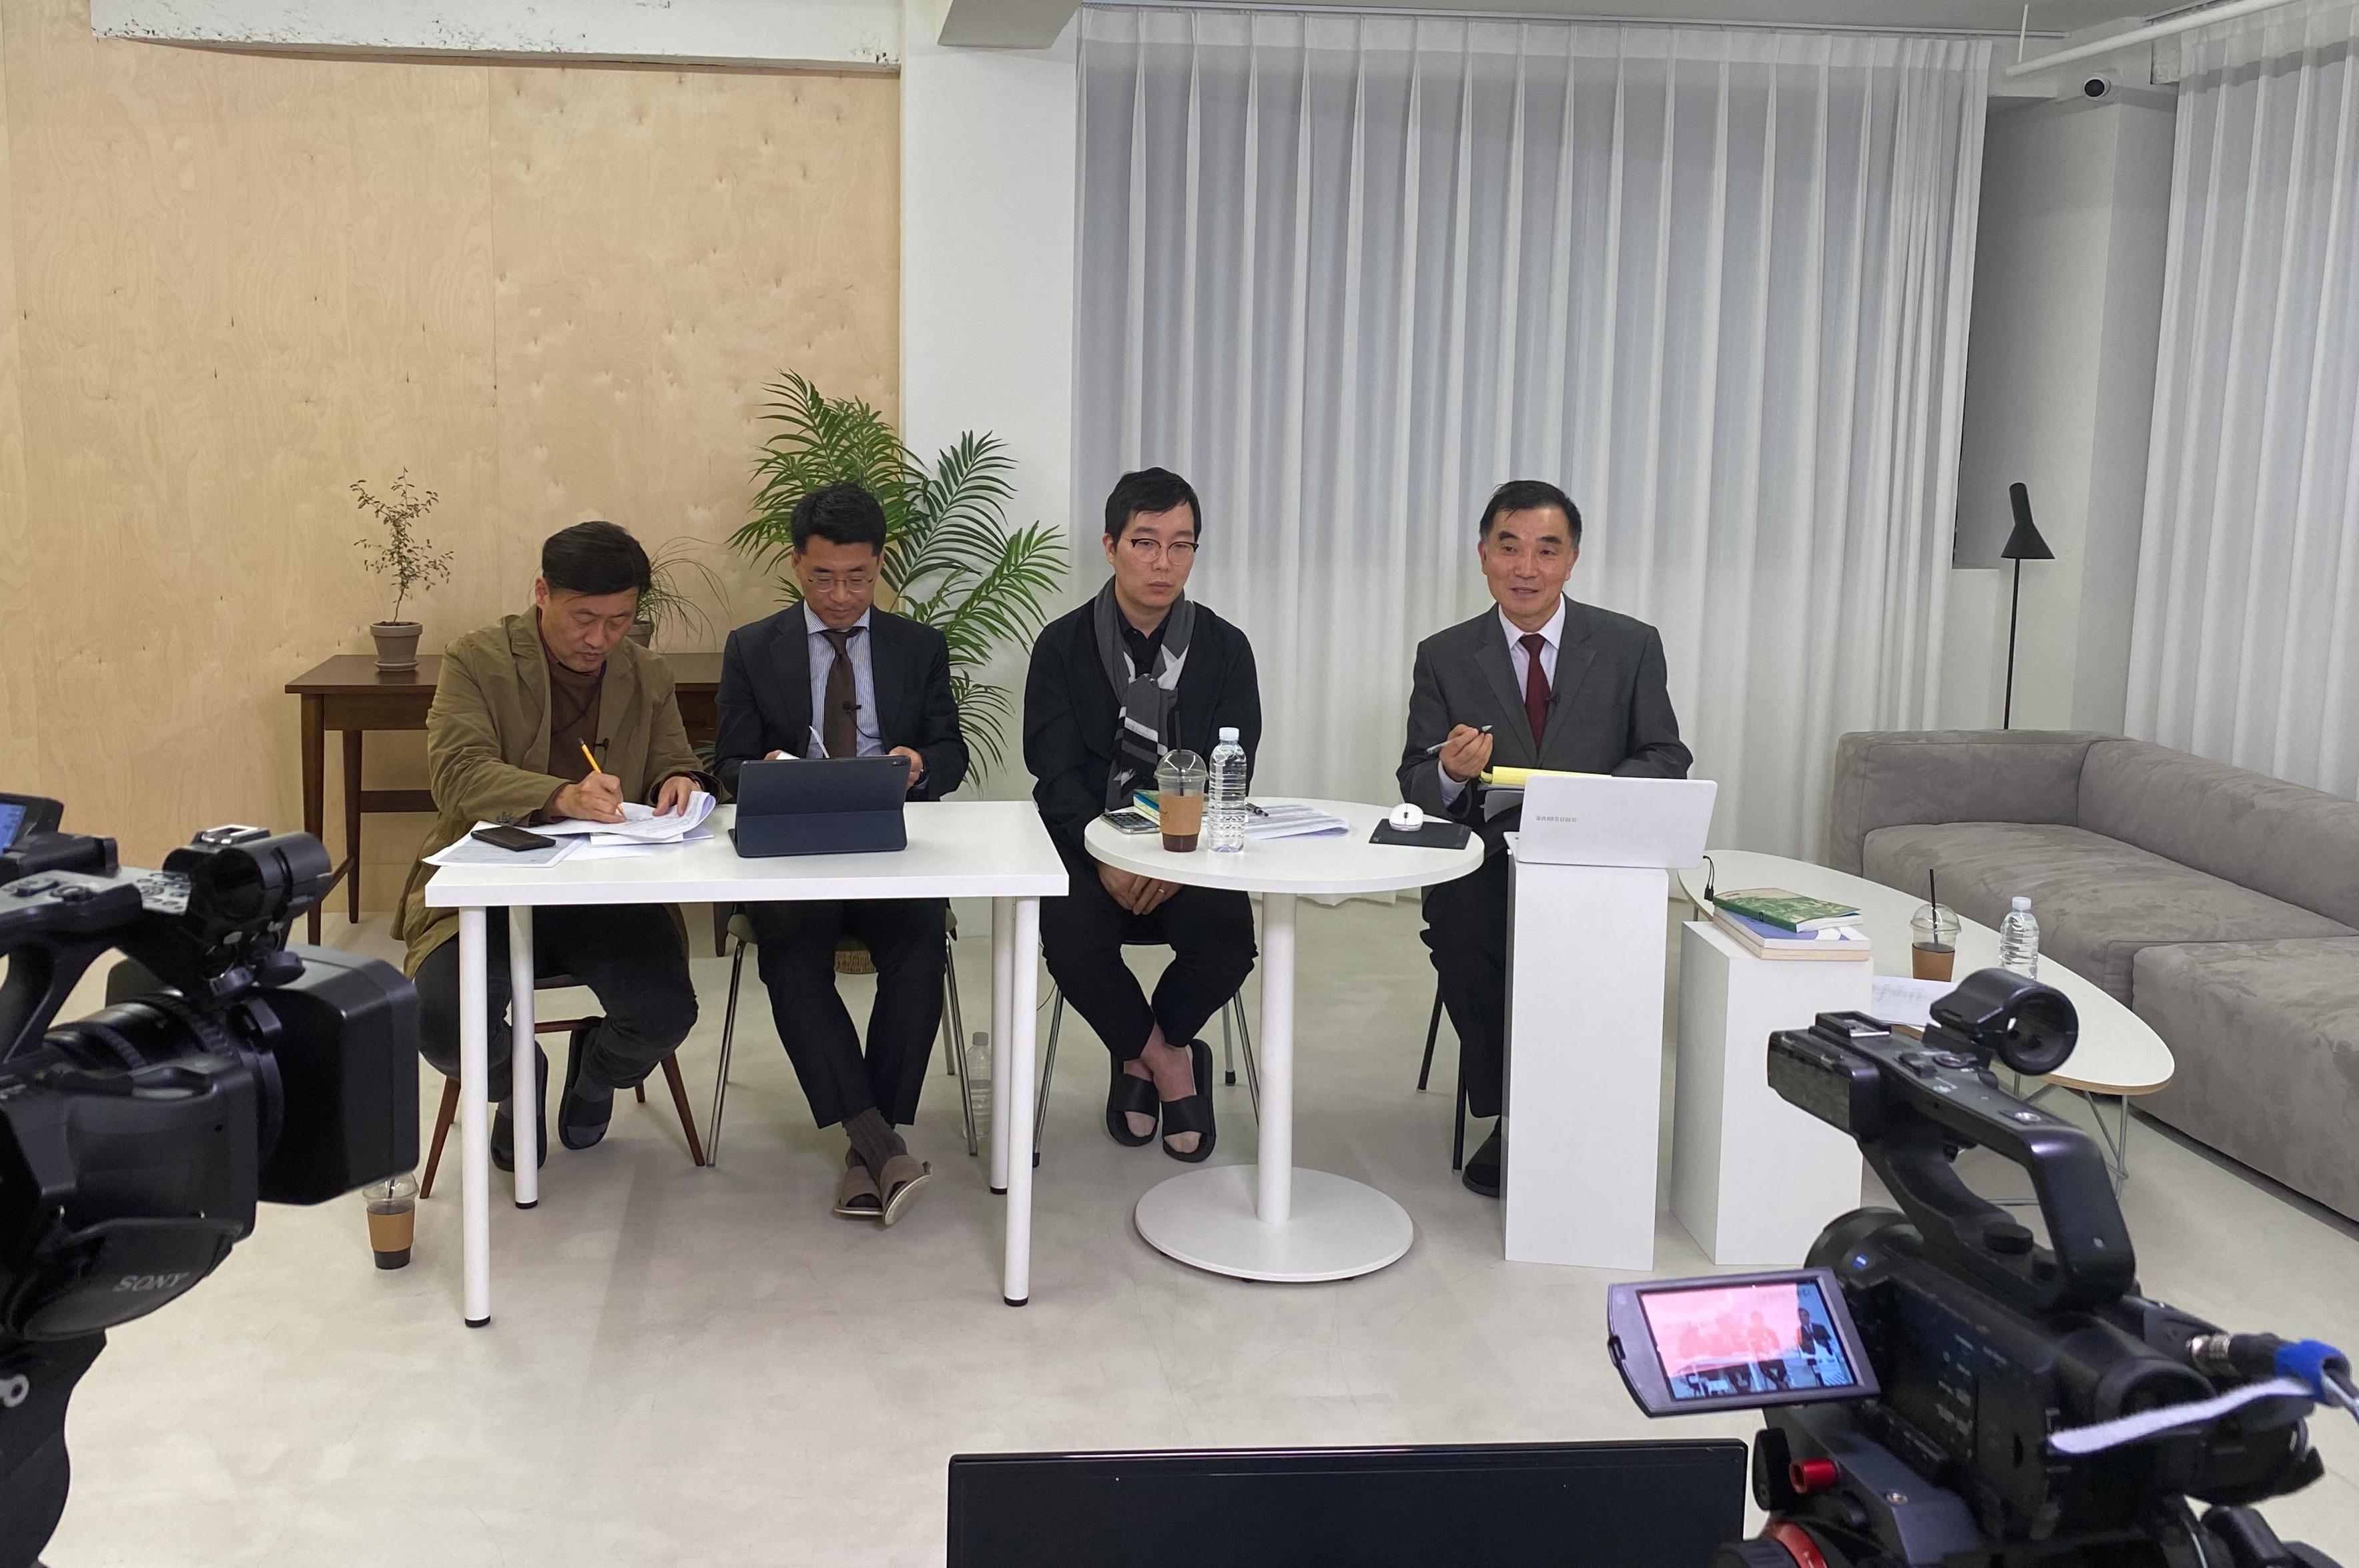 (사진) 영상보도 가이드라인 교육현장.jpg